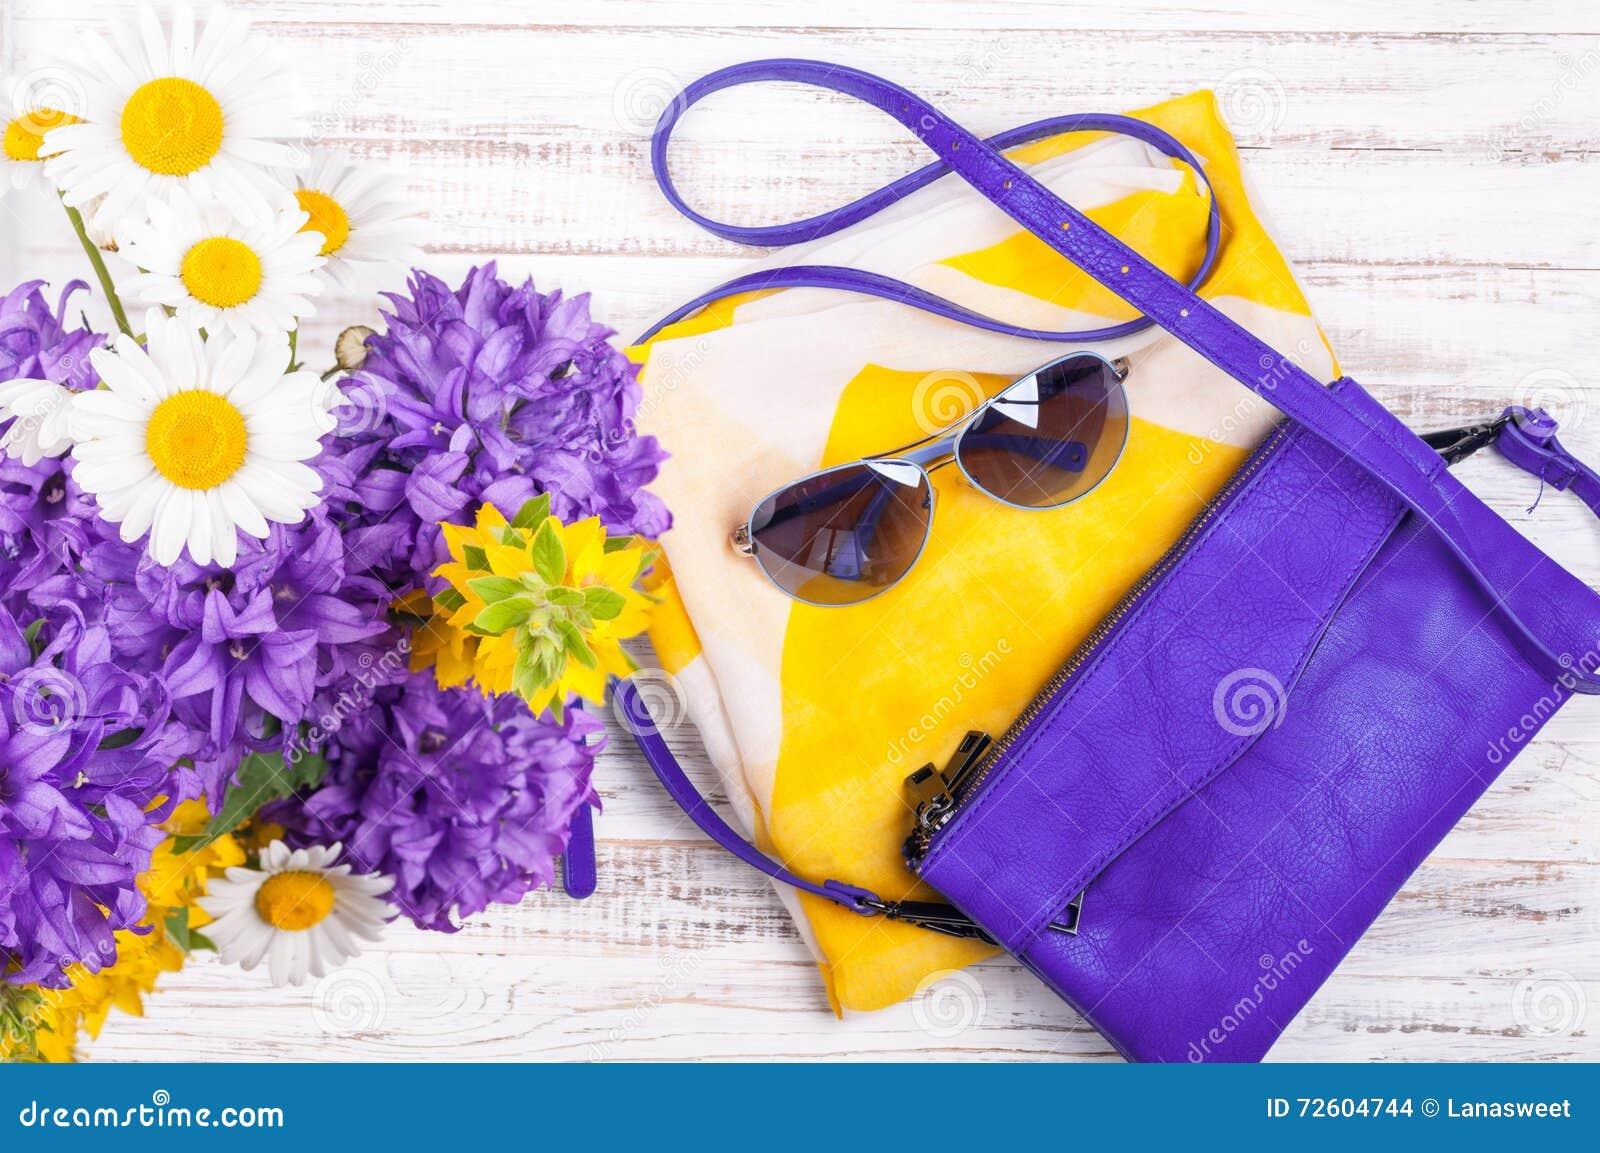 Fundo dos acessórios da mulher com bolsas, lenço de pescoço, óculos de sol e 64deadb1f2